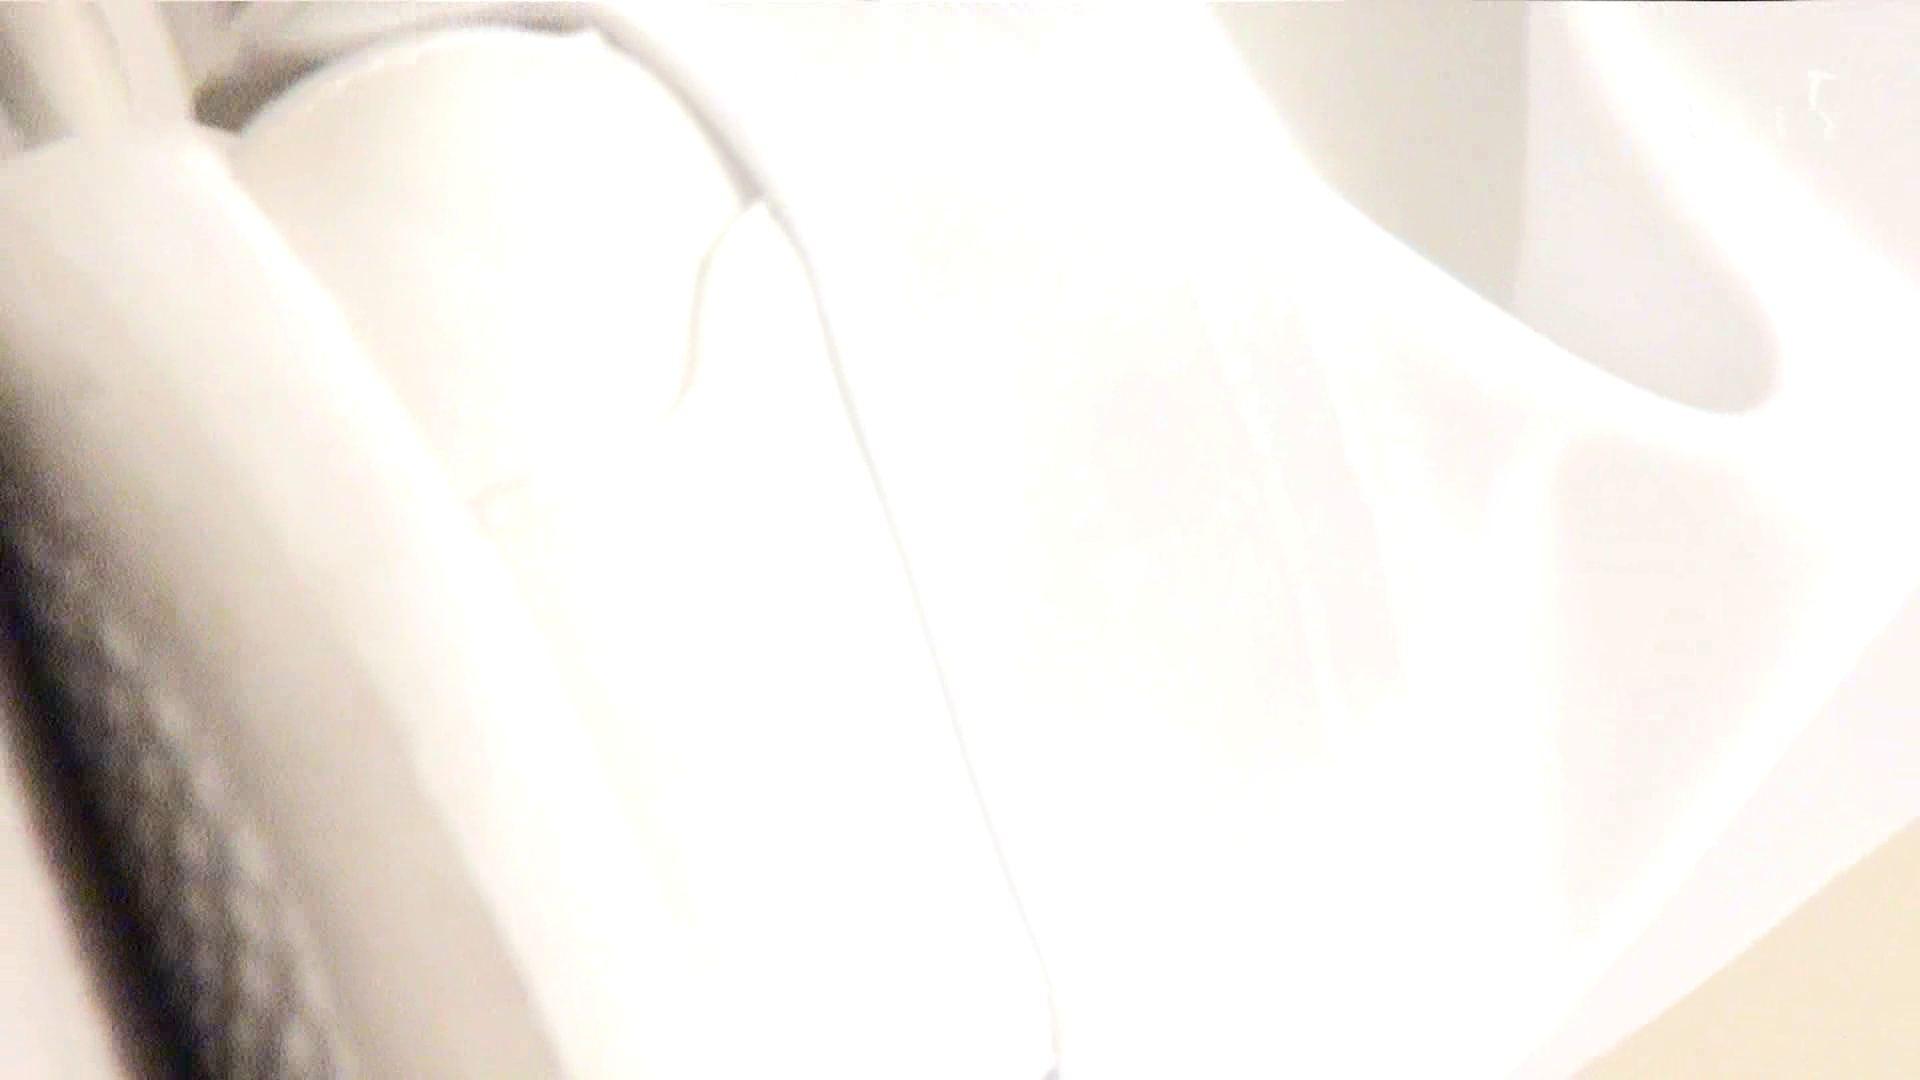 ナースのお小水 vol.005 ナース編  102連発 52